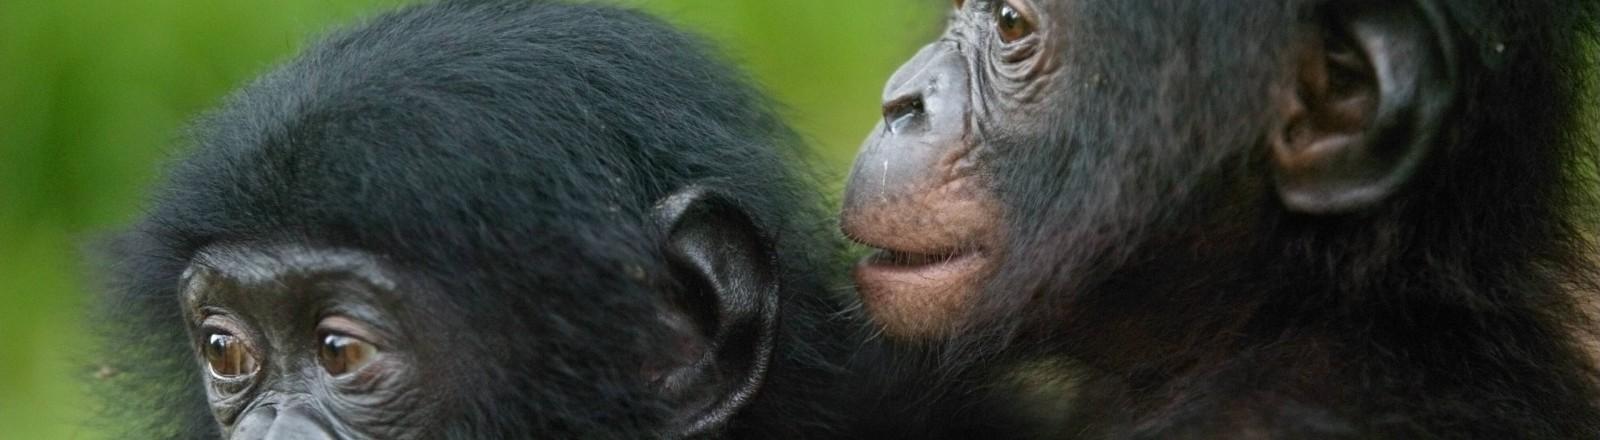 Zwei junge Bonobos in einem Park in der Demokratischen Republik Kongo.